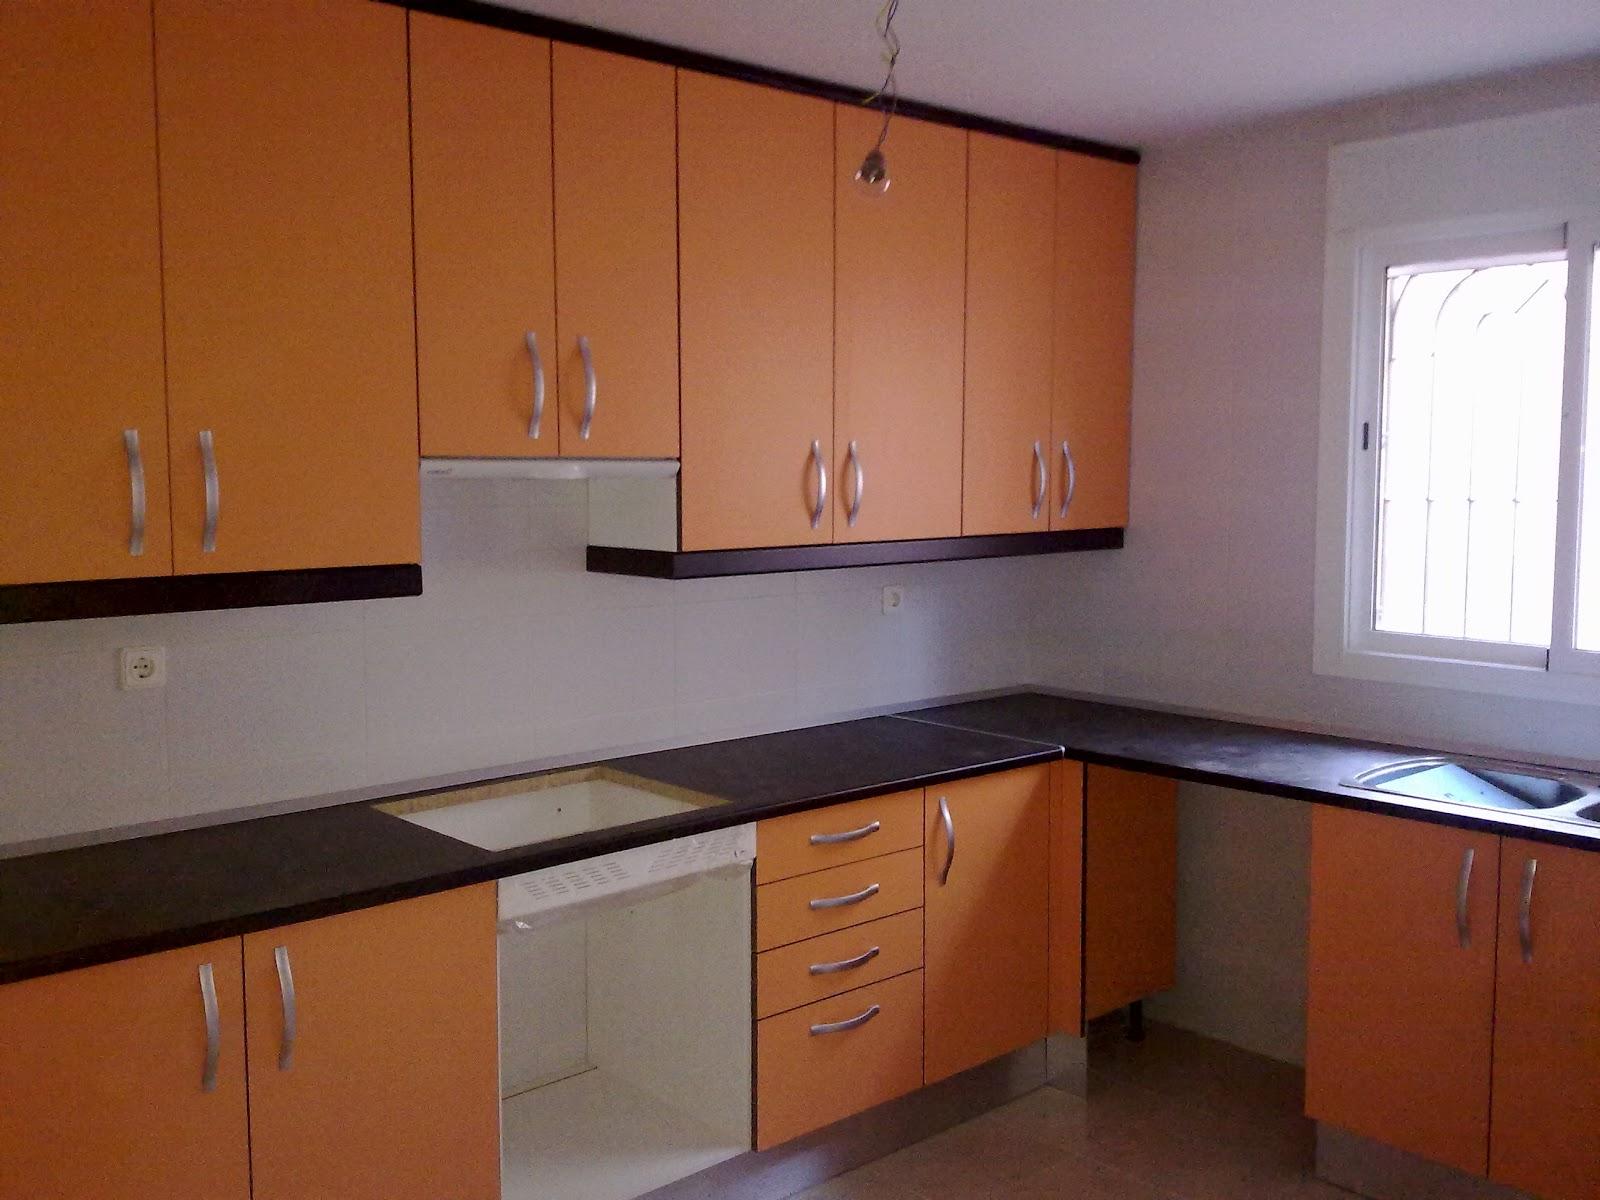 Laminado mate naranja remates y encimera glp 283 negro for Muebles de cocina sueltos